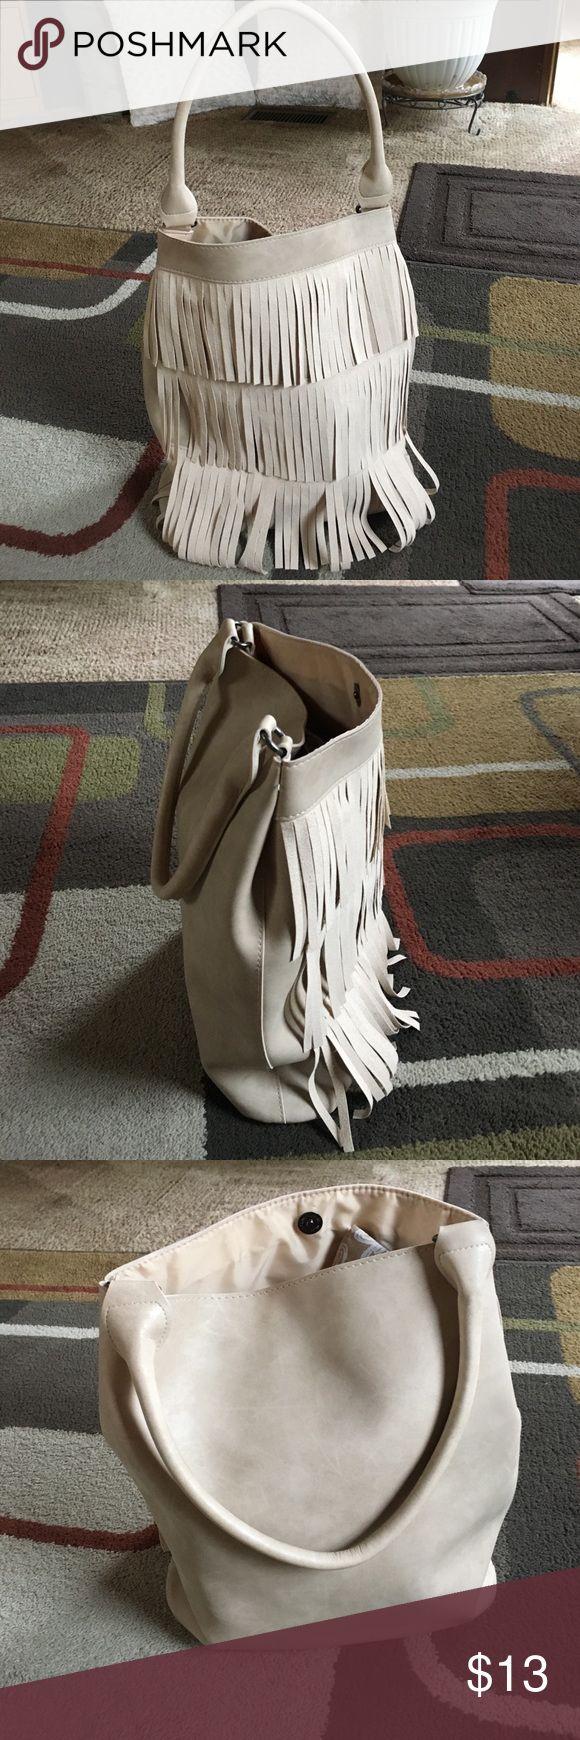 """Fringe bag 🌿 Not a brand name bag 🌿Fringe on front only🌿1 handle🌿no pockets inside🌿 man-made material🌿bag measures W 14.5"""" H 15"""" D 4"""" handle drop 9"""" 🌿 Bags Shoulder Bags"""